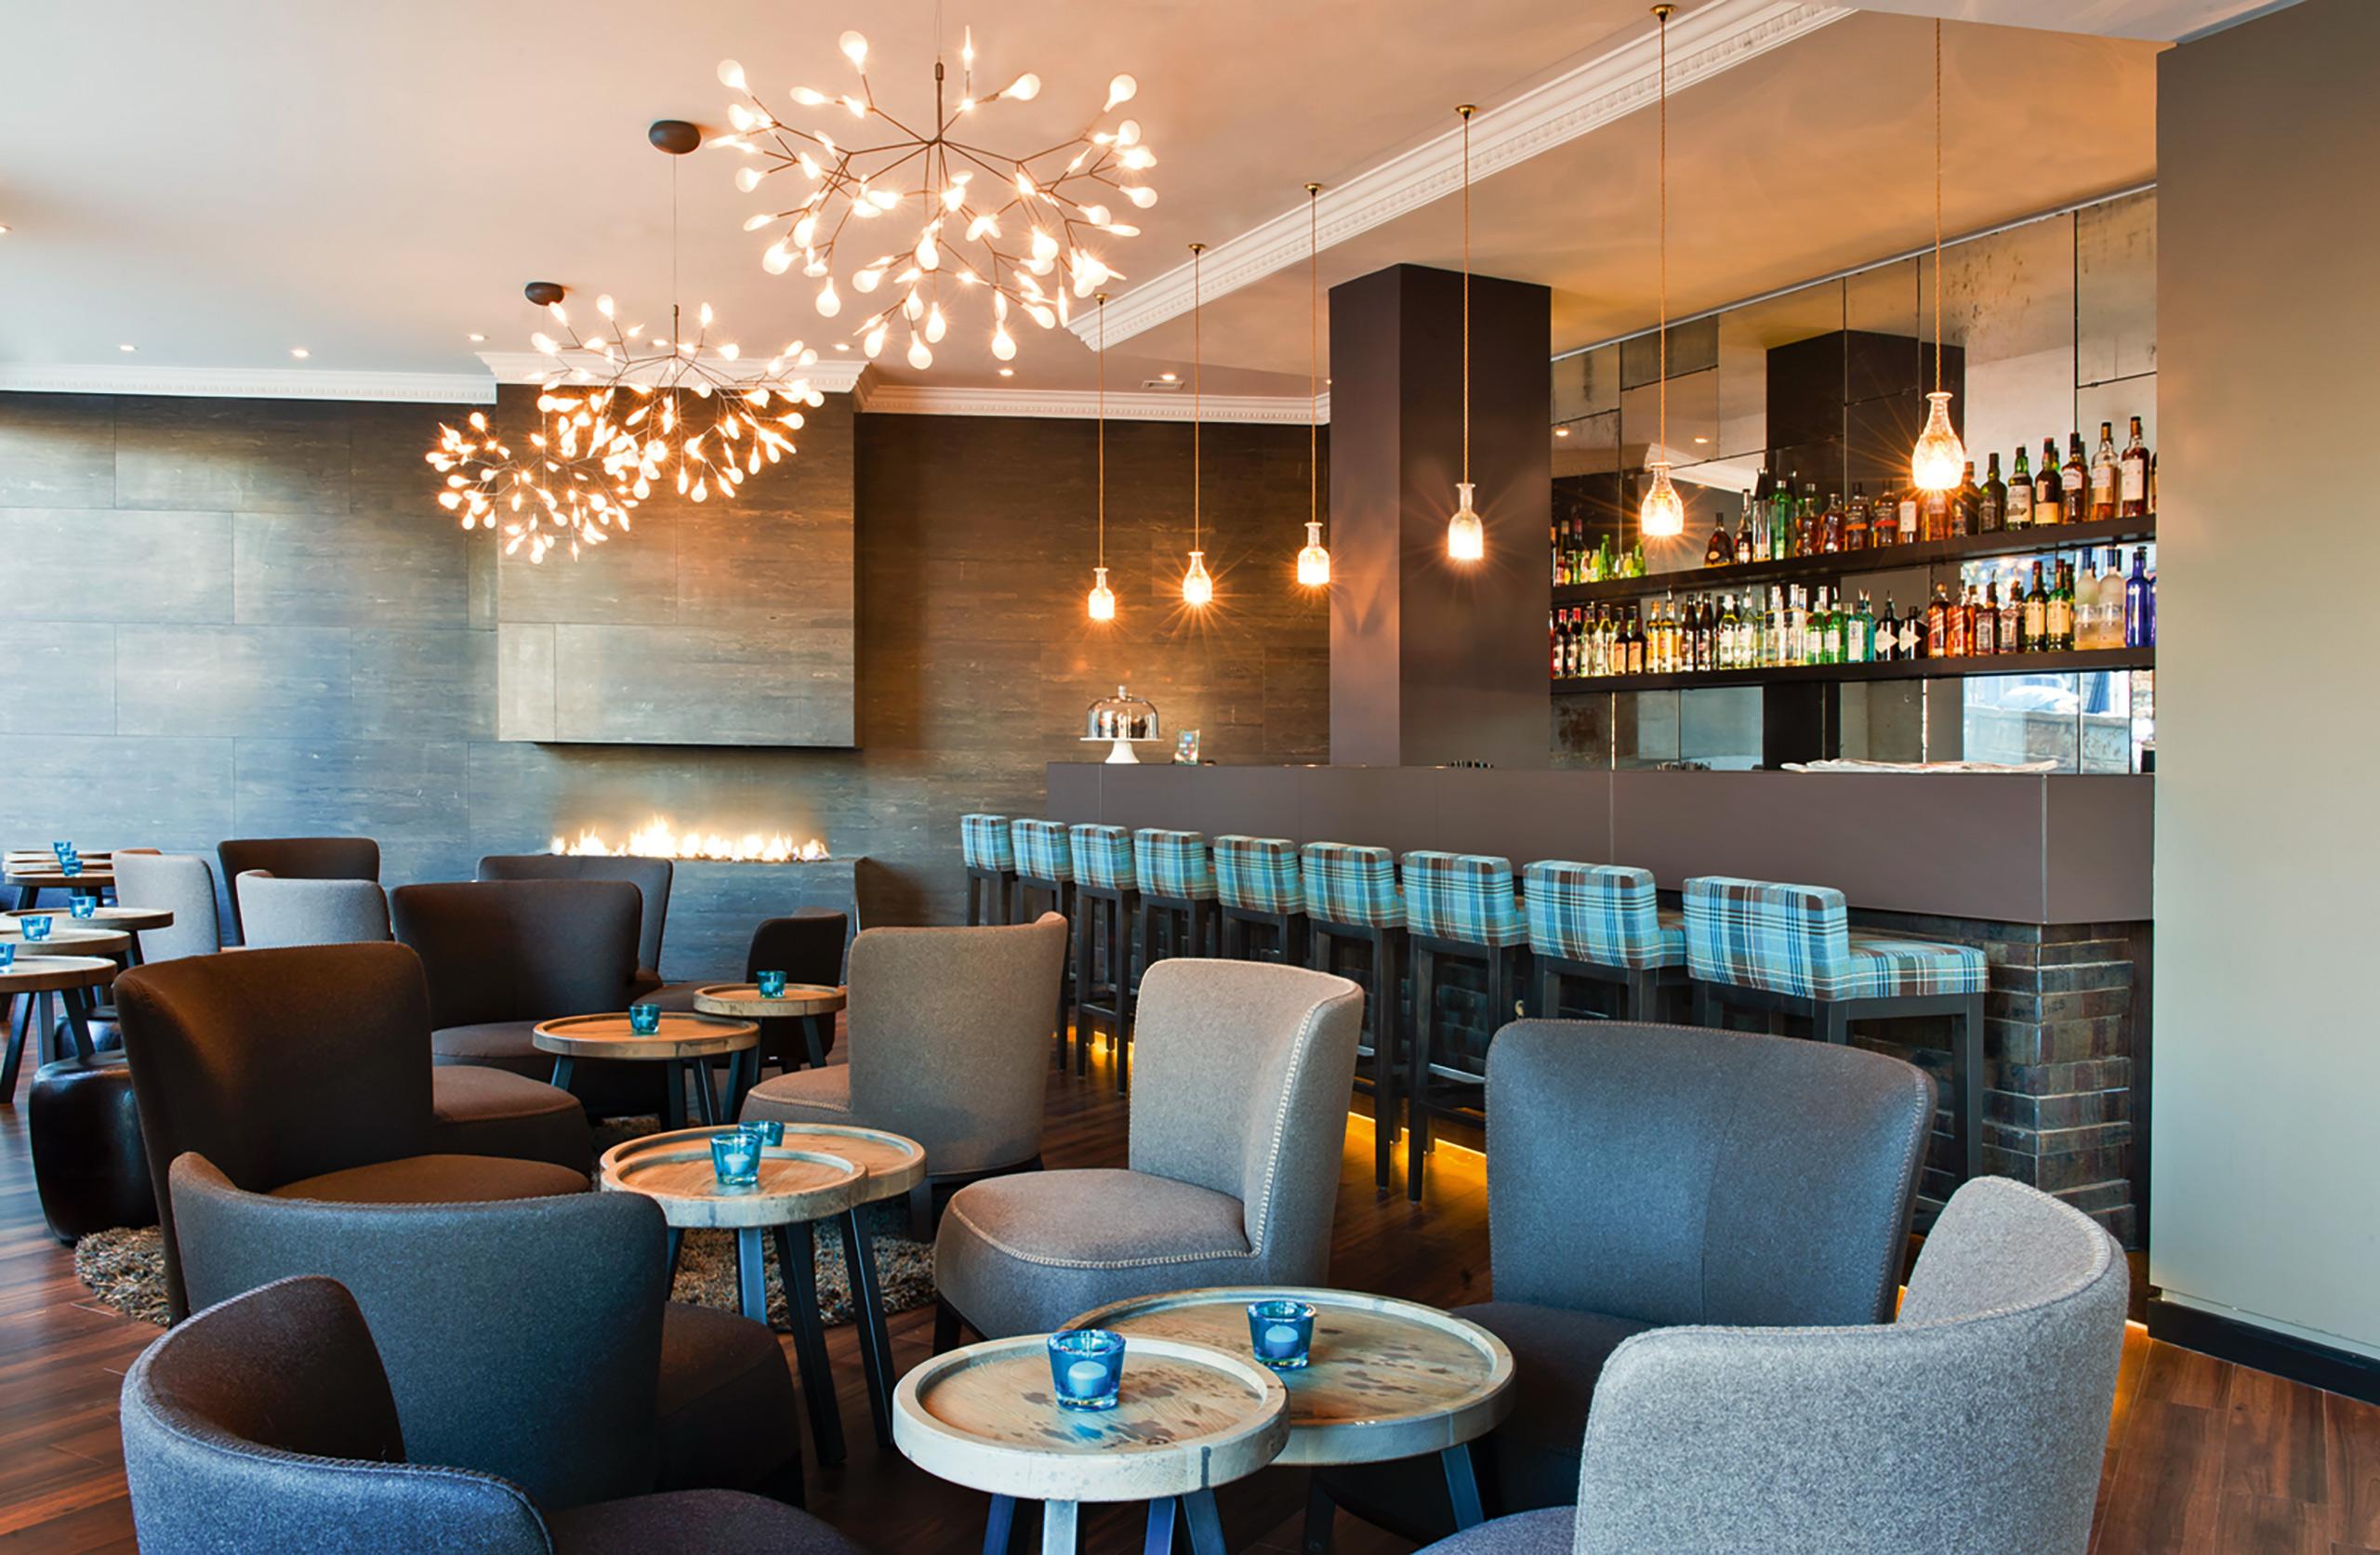 Edinburgh Motel One Hotel edinburgh royal motel one design hotels edinburgh royal sisterspd